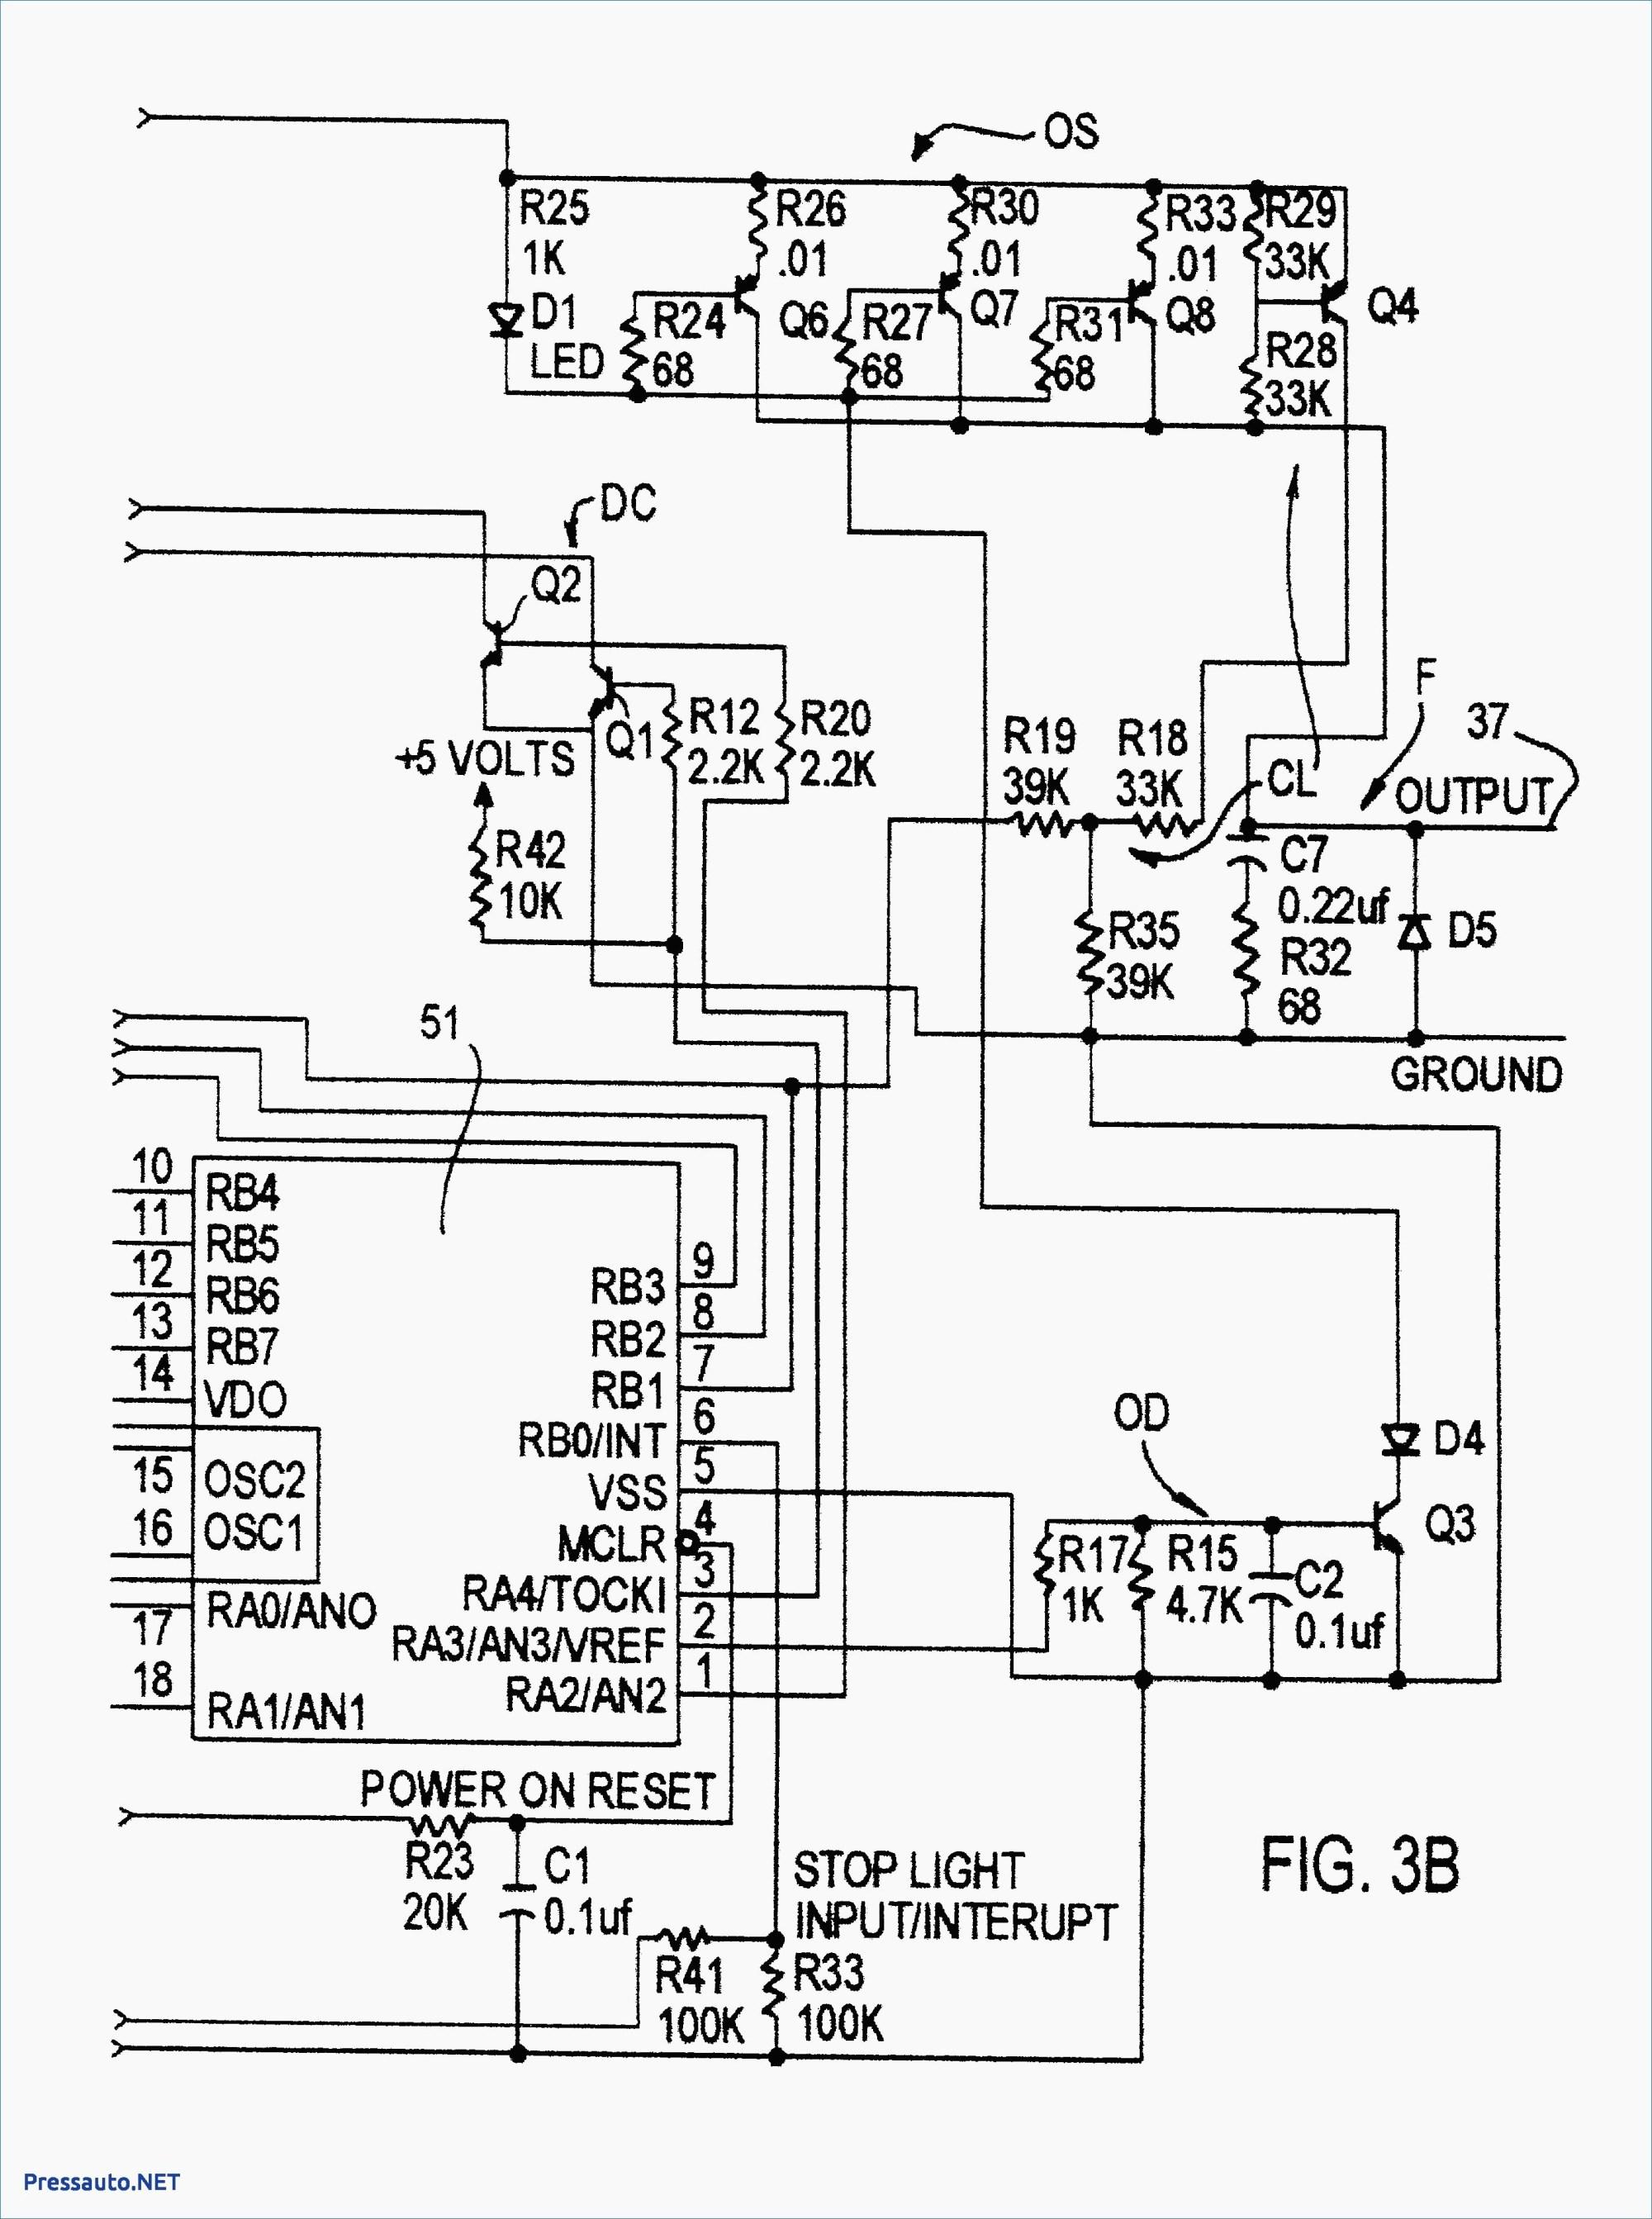 hight resolution of el camino wiring diagram 1965 chevelle wiring diagram overdrive wiring diagram database of el camino